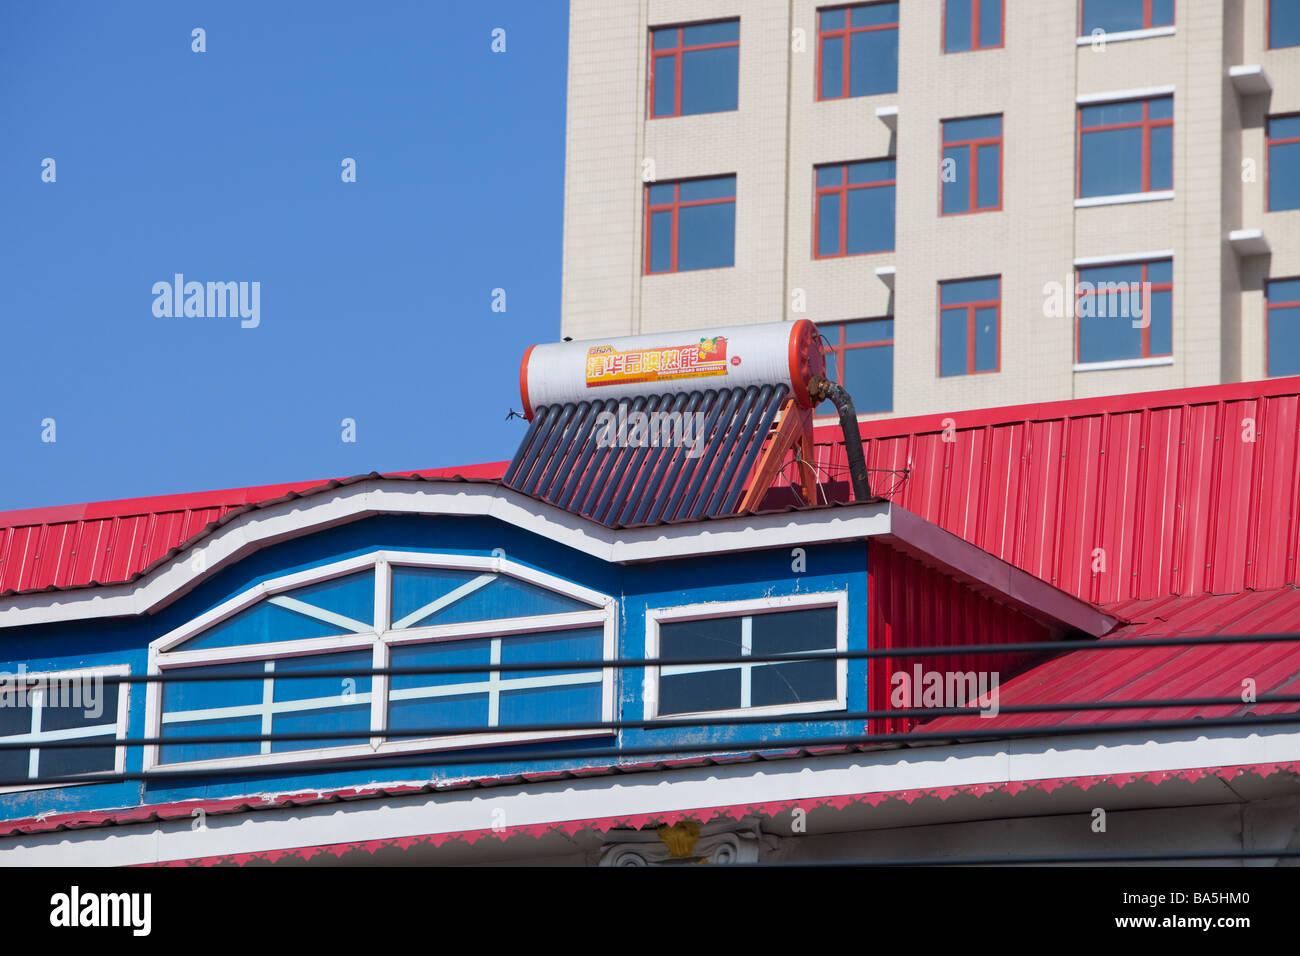 Chauffe-eau solaire sur le toit d'un immeuble à Linfen dans le nord de la Chine Photo Stock